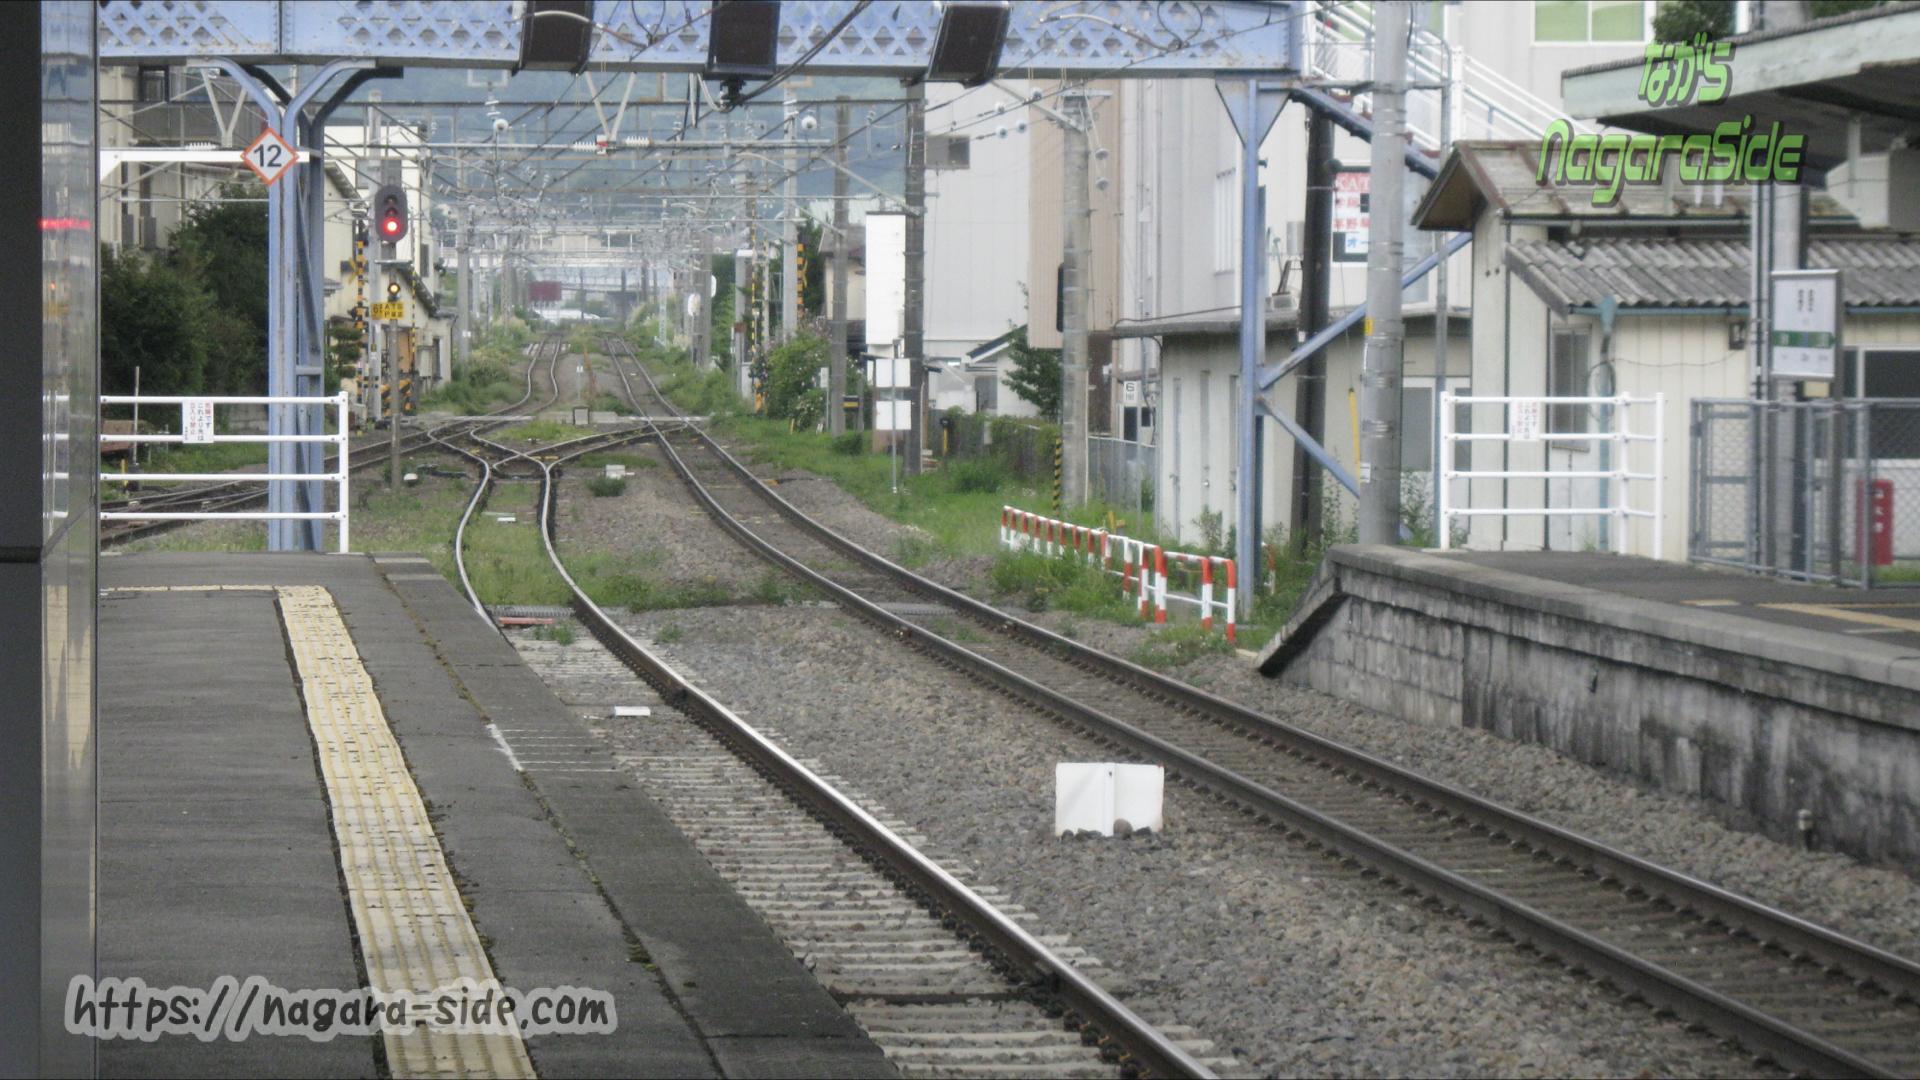 中央本線茅野駅から東京方面を望む